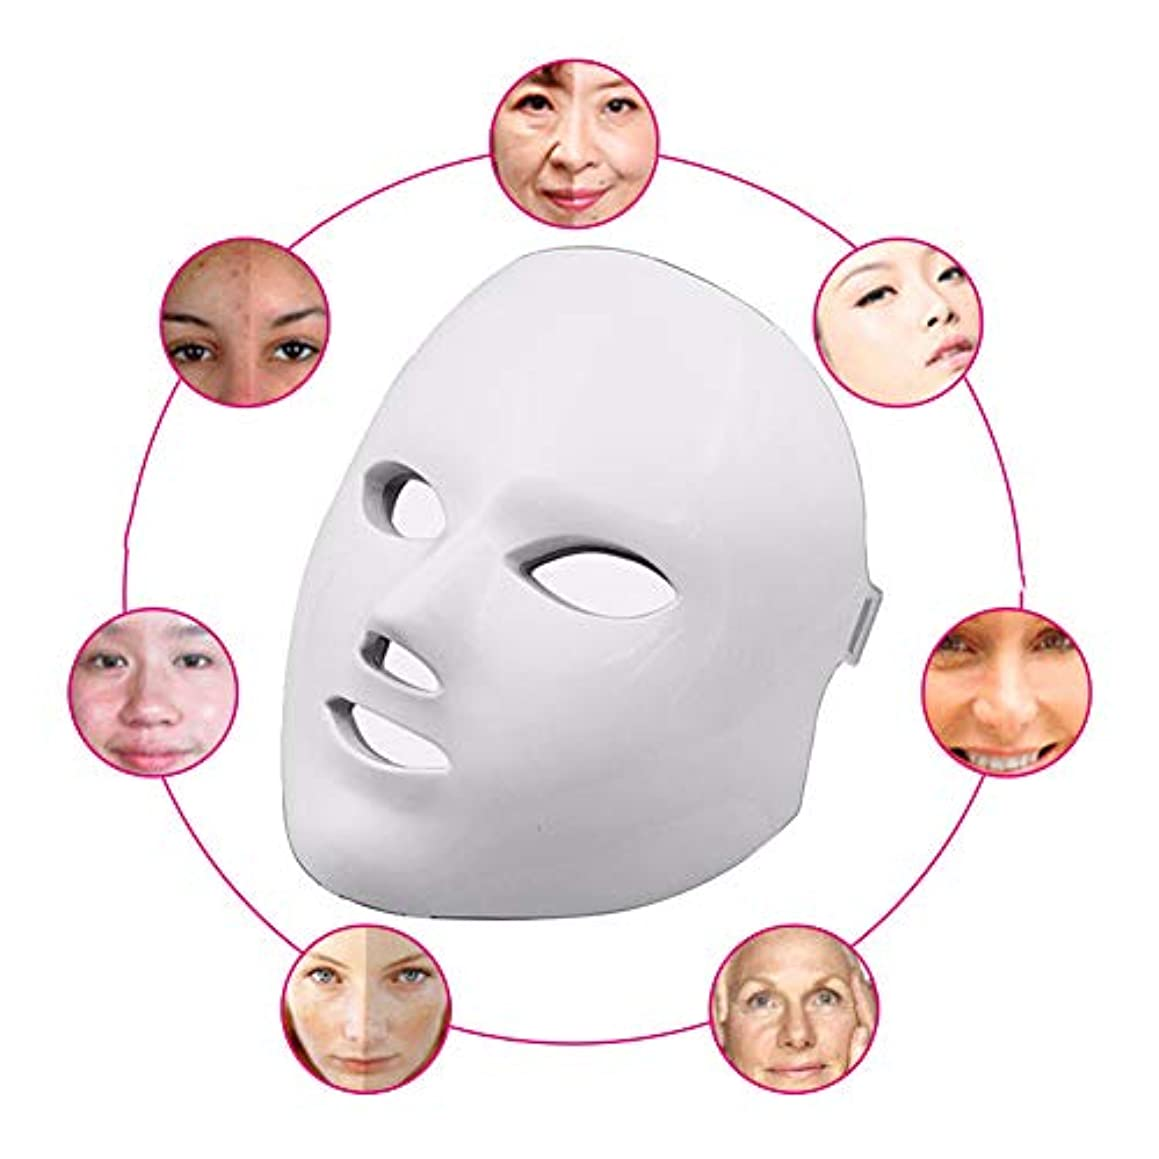 争い磁気傑出した赤色光光子治療機7色ledマスク再生PDT抗にきびしわ顔の美しさマッサージツール,White